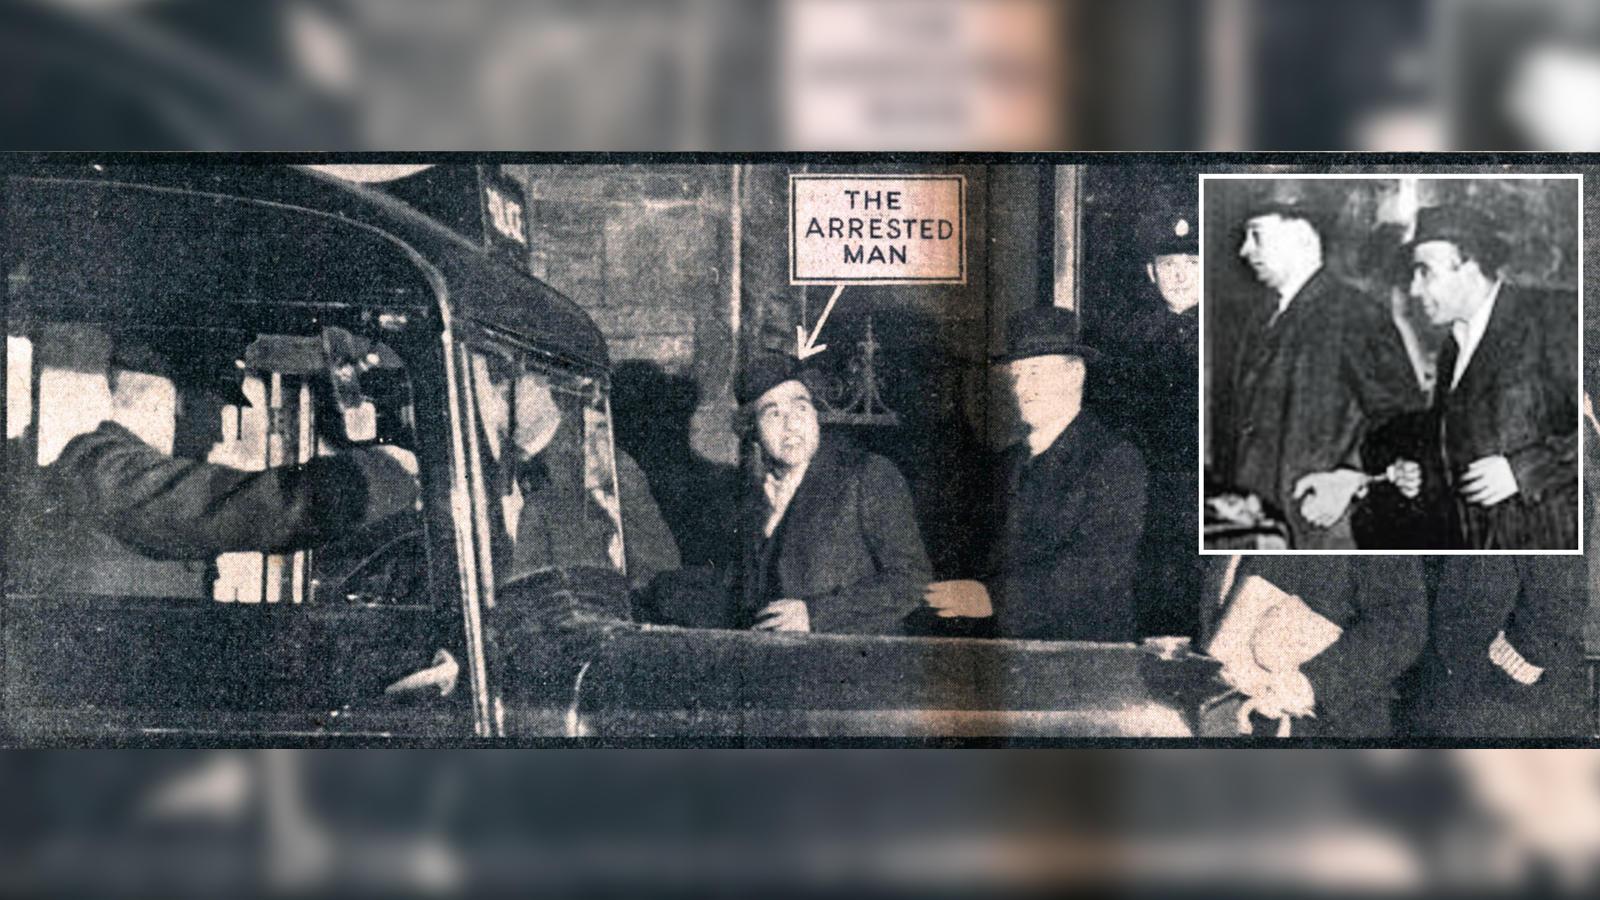 March 14, 1940: Ma mua aʻe o Udham Singh, ua haʻi ka nūpepa Pelekaneʻo Hull Daily Mail i ka hopuʻia o kekahi Mohammed Singh Azad ma kahi. ʻO ka hopena o kona inoa i kahi manawa